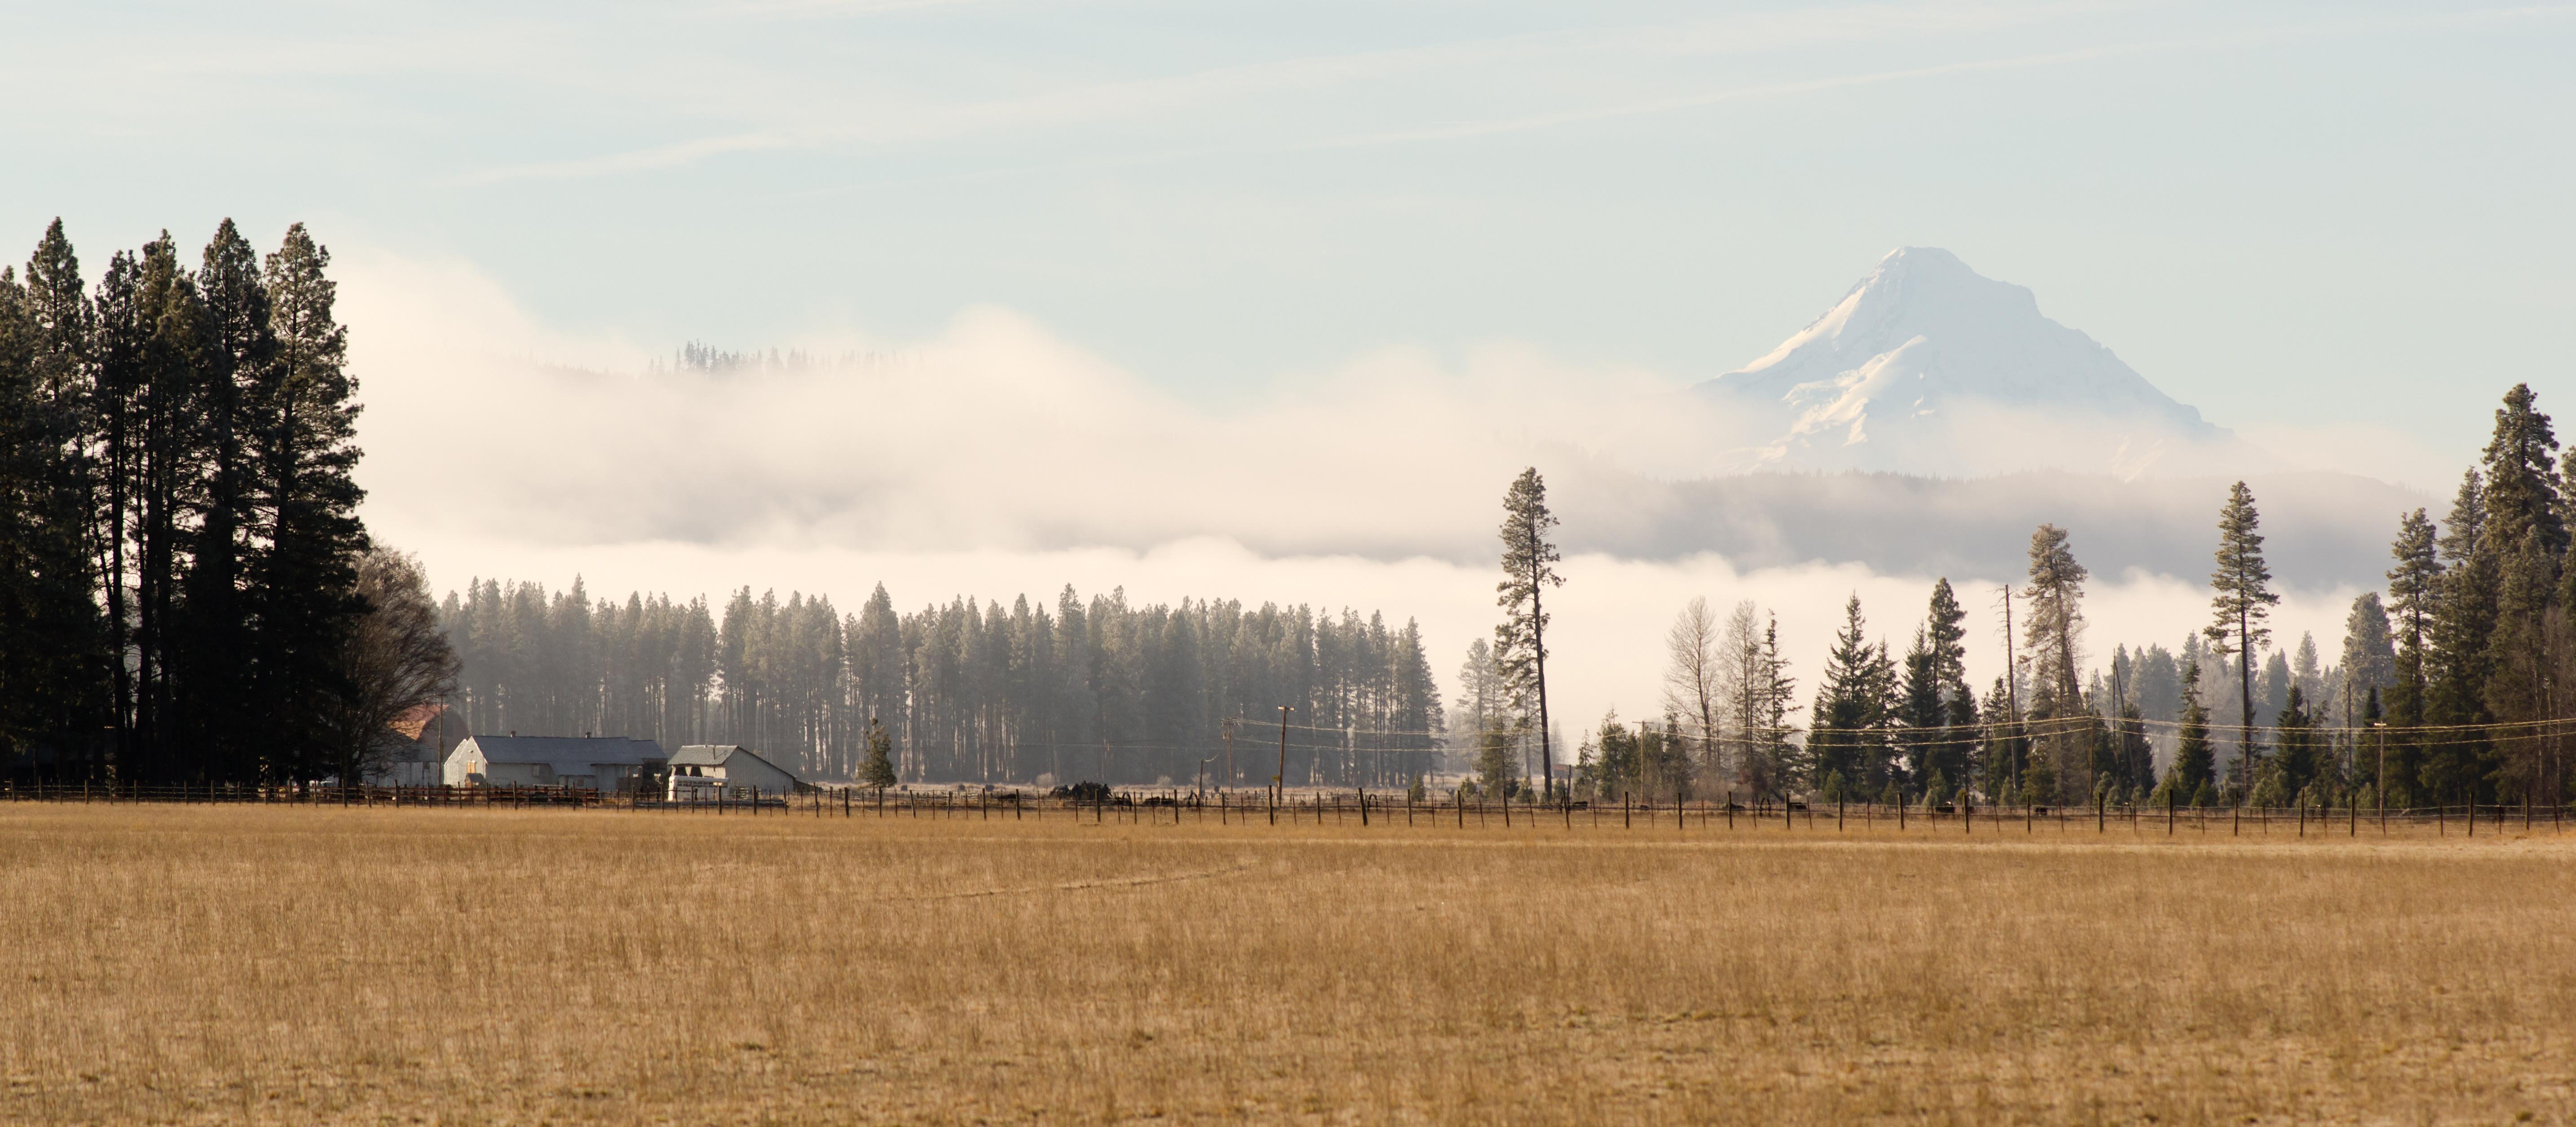 Cascadia wildlands v oregon department of fish wildlife for Oregon department of fish and wildlife jobs